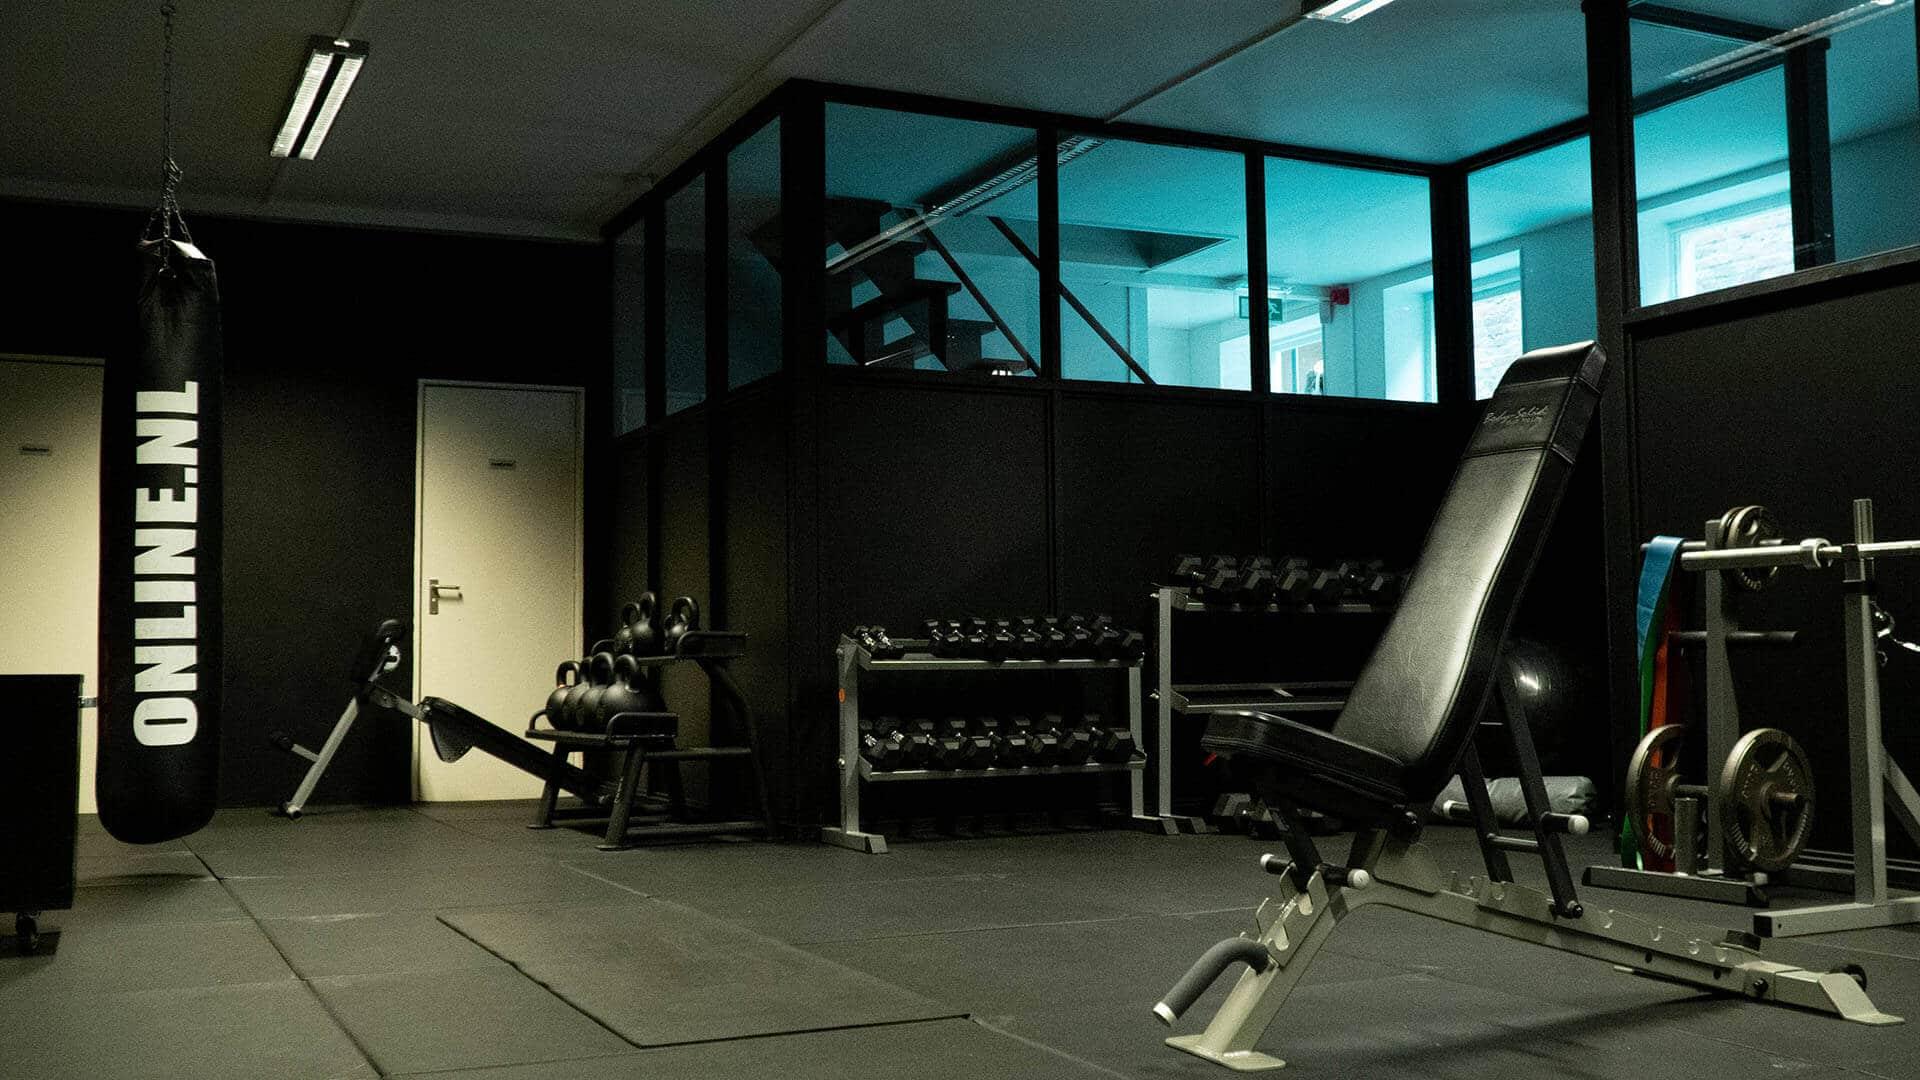 S.t.a.r.s Groningen | Personal Trainer | Groningen - Haren - Zuidhorn